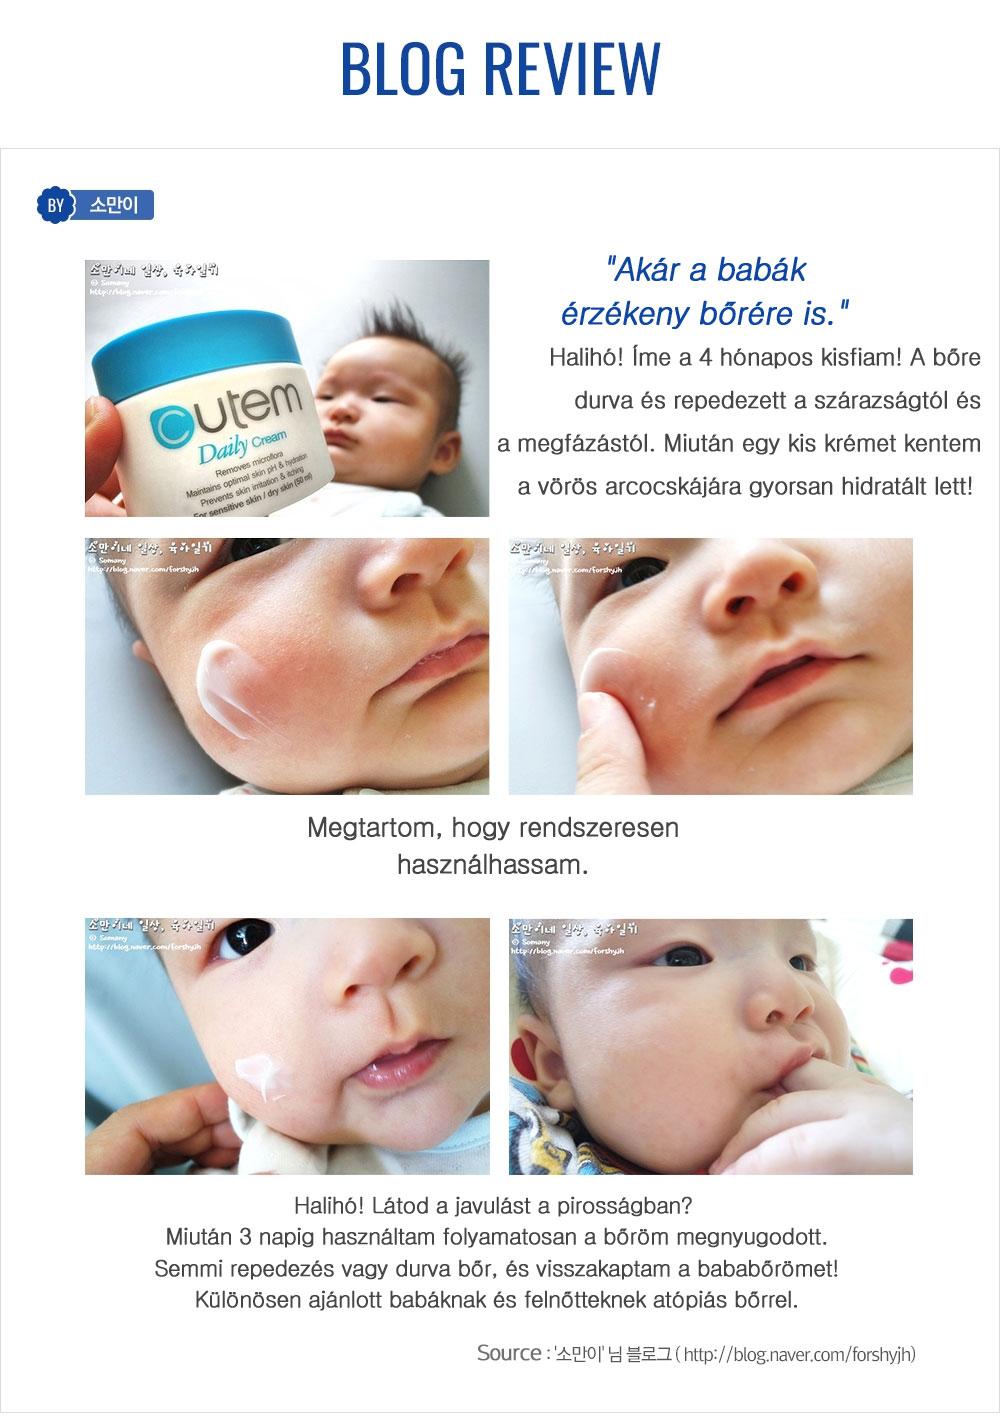 Skinmed Cutem krém problémás bőrre szteroidos krém helyett kisbabáknak és atopiás ekcémás bőrre